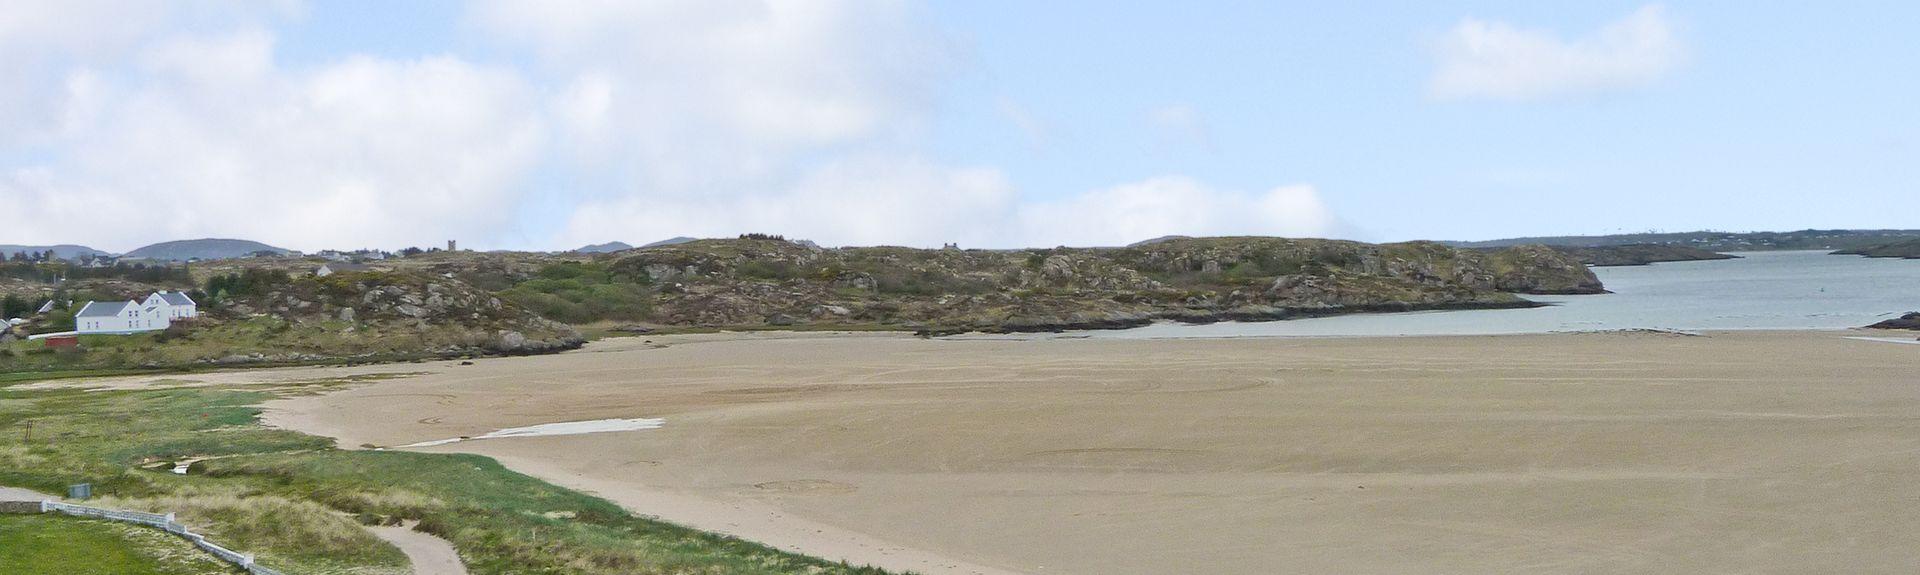 Brinlack, Donegal Provinz, Irland